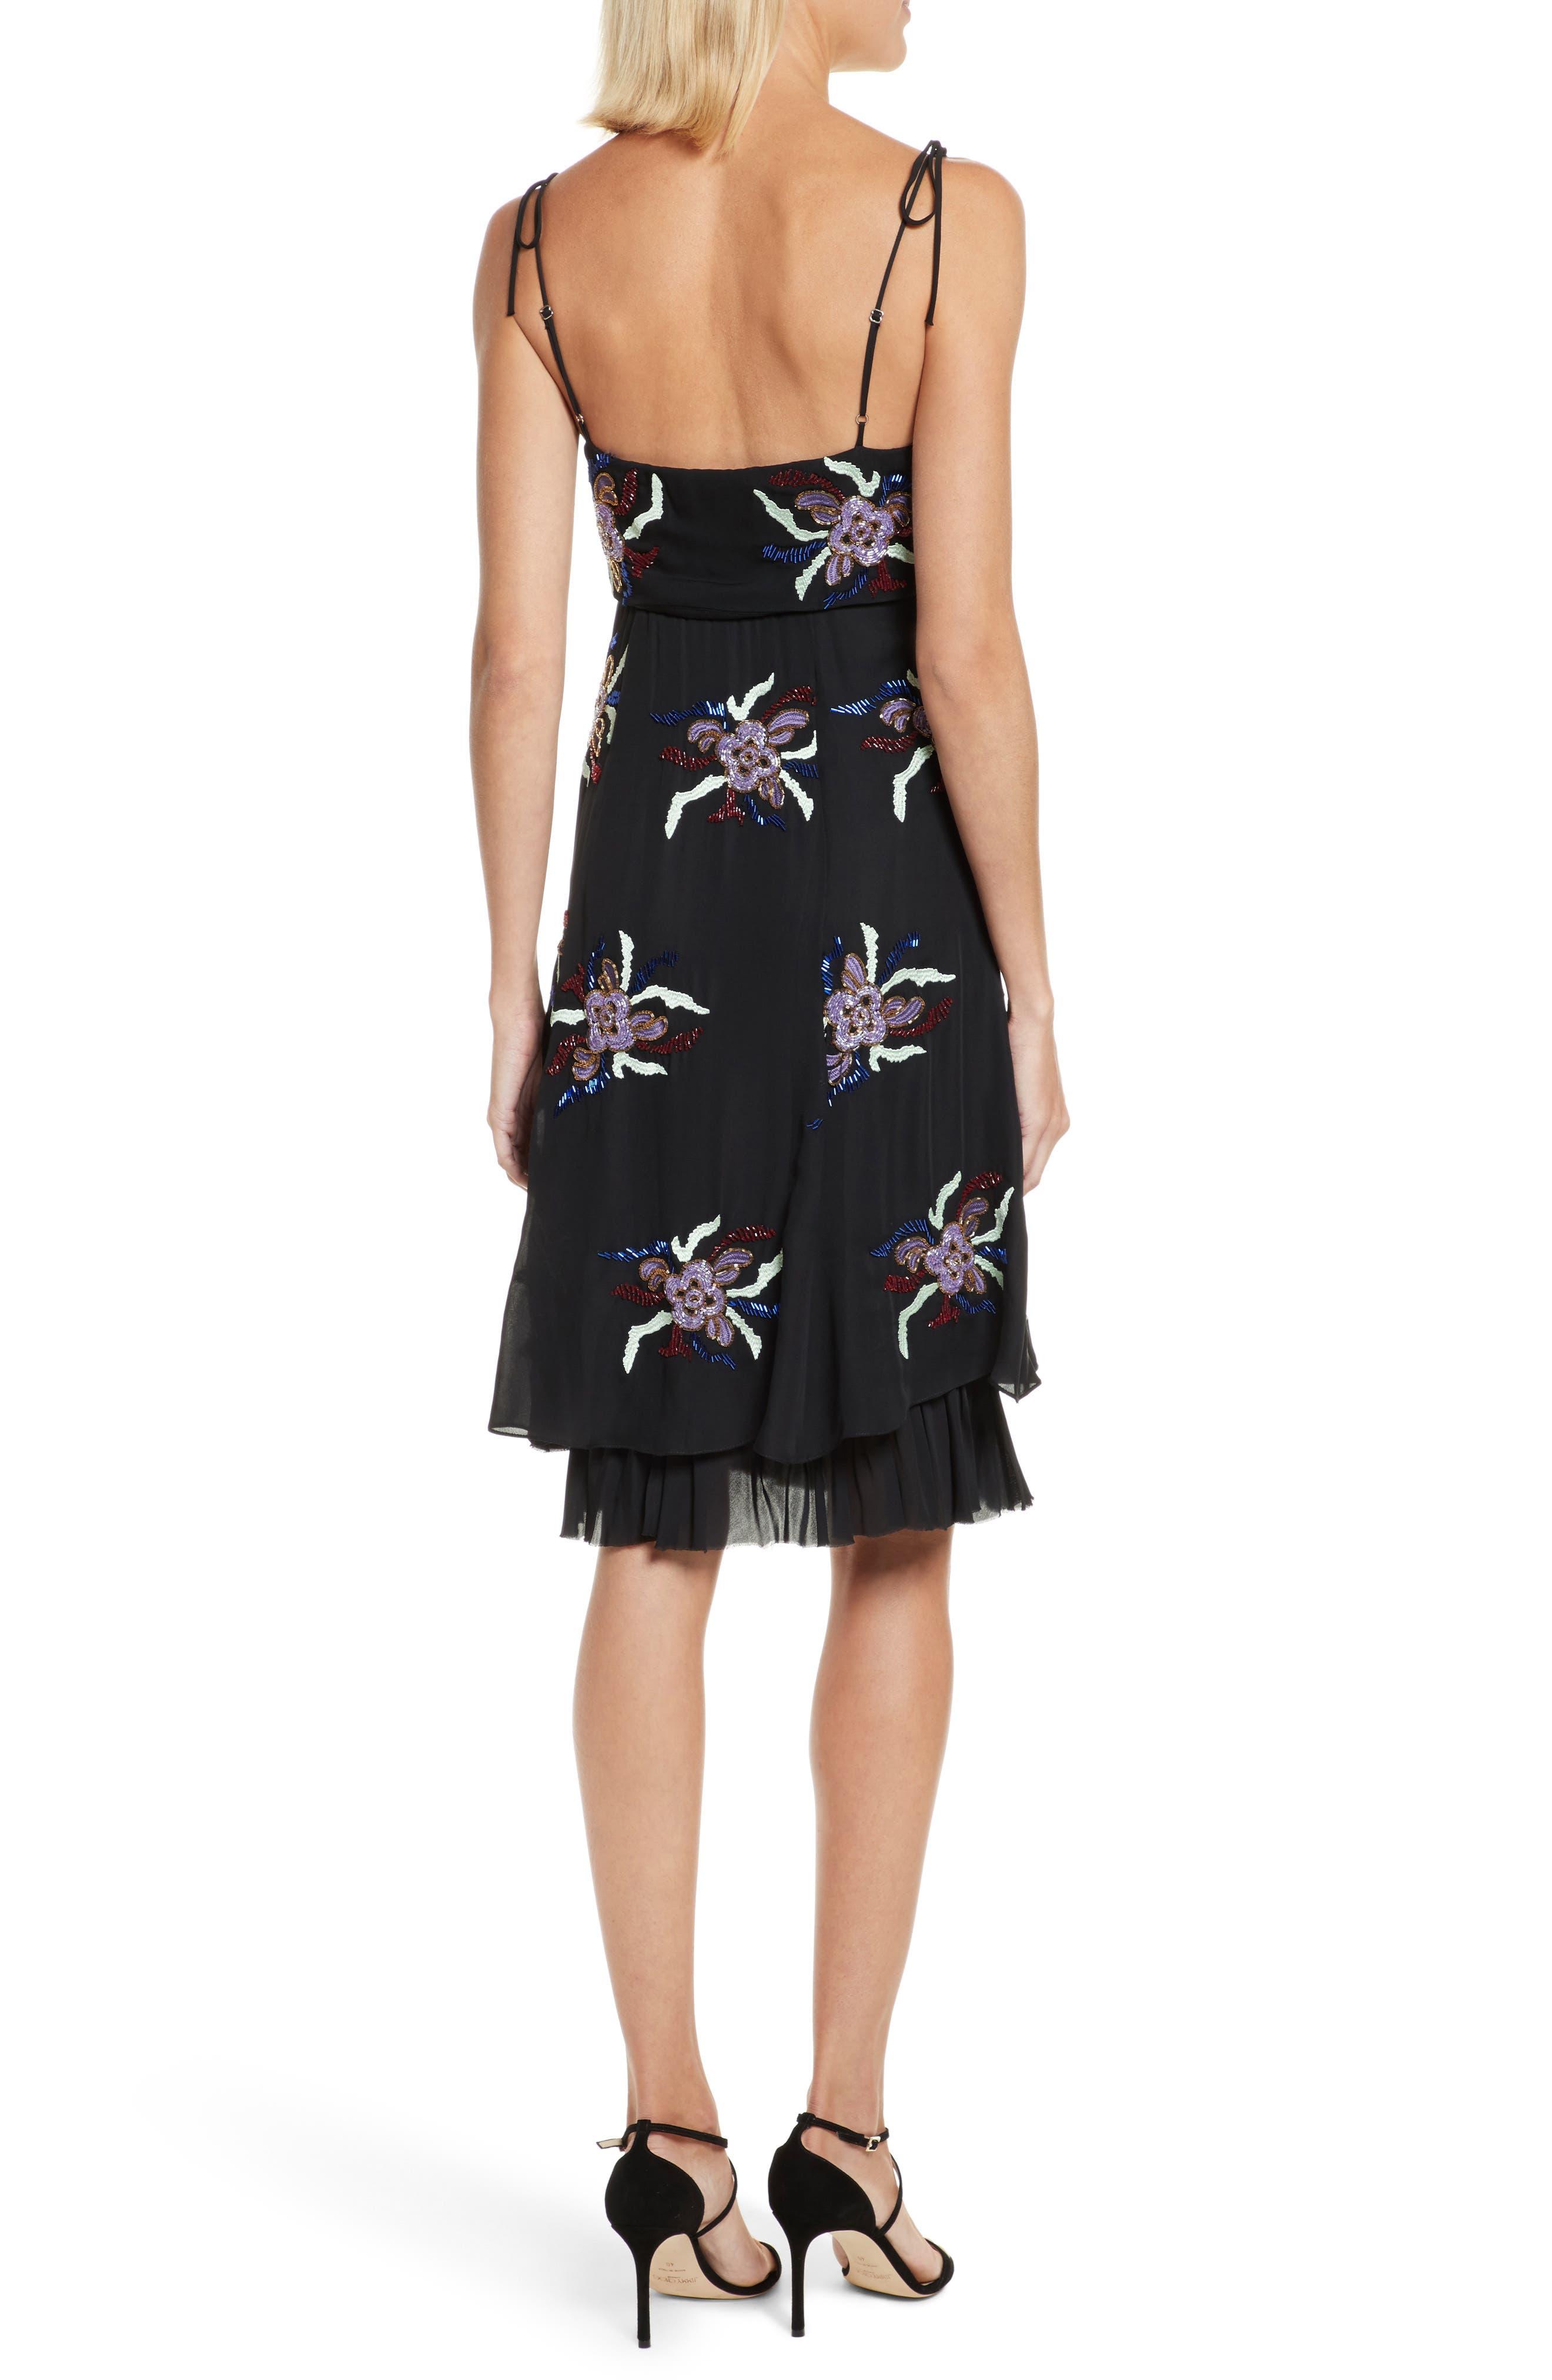 Porsca Embellished Silk Dress,                             Alternate thumbnail 2, color,                             008